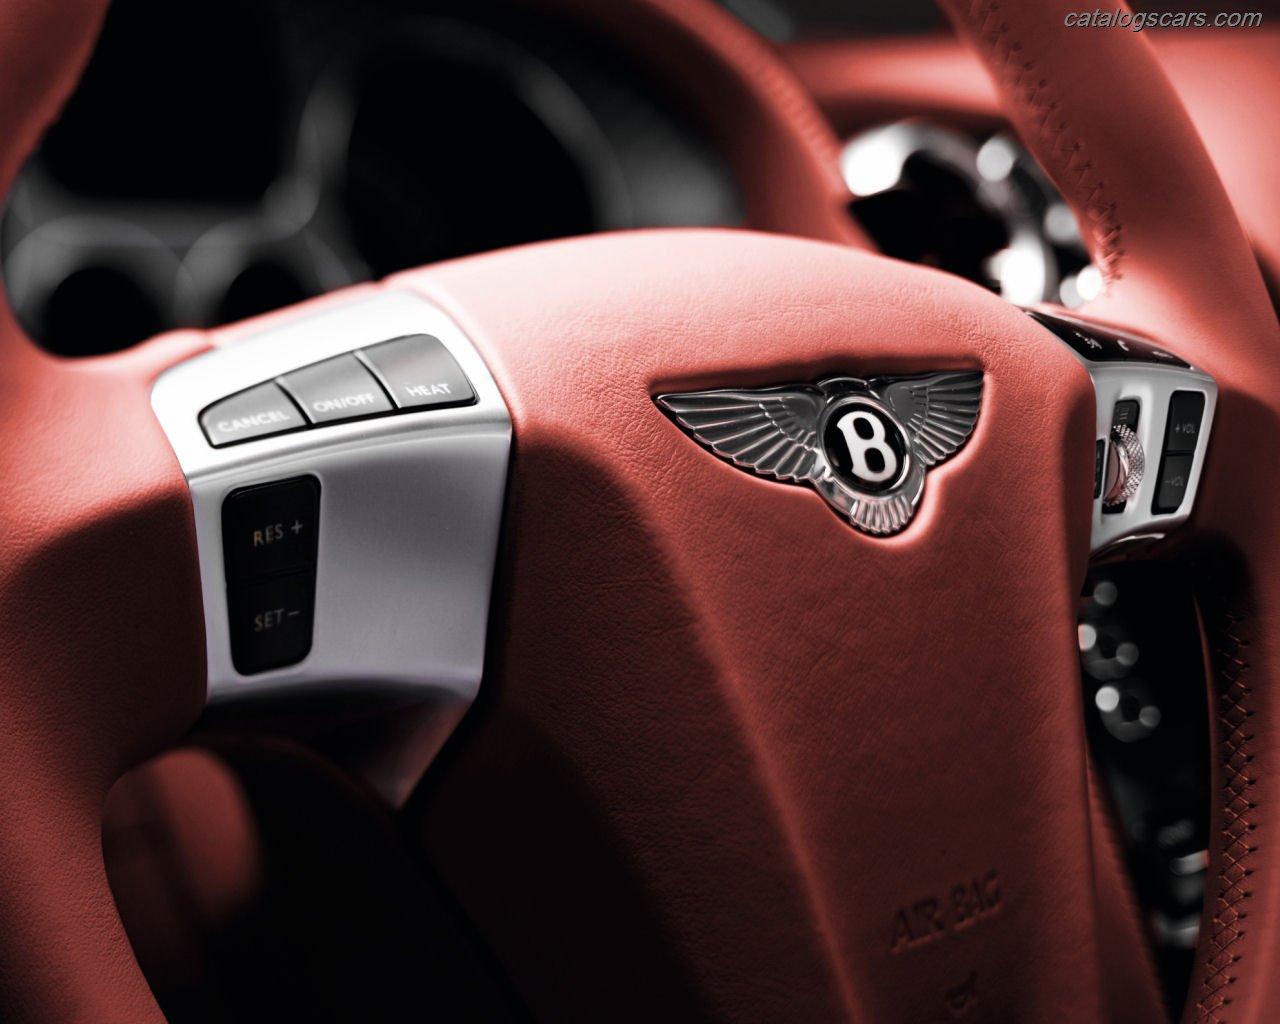 صور سيارة بنتلى كونتيننتال جى تى سى سبيد 2012 - اجمل خلفيات صور عربية بنتلى كونتيننتال جى تى سى سبيد 2012 - Bentley Continental Gtc Speed Photos Bentley-Continental-Gtc-Speed-2011-09.jpg